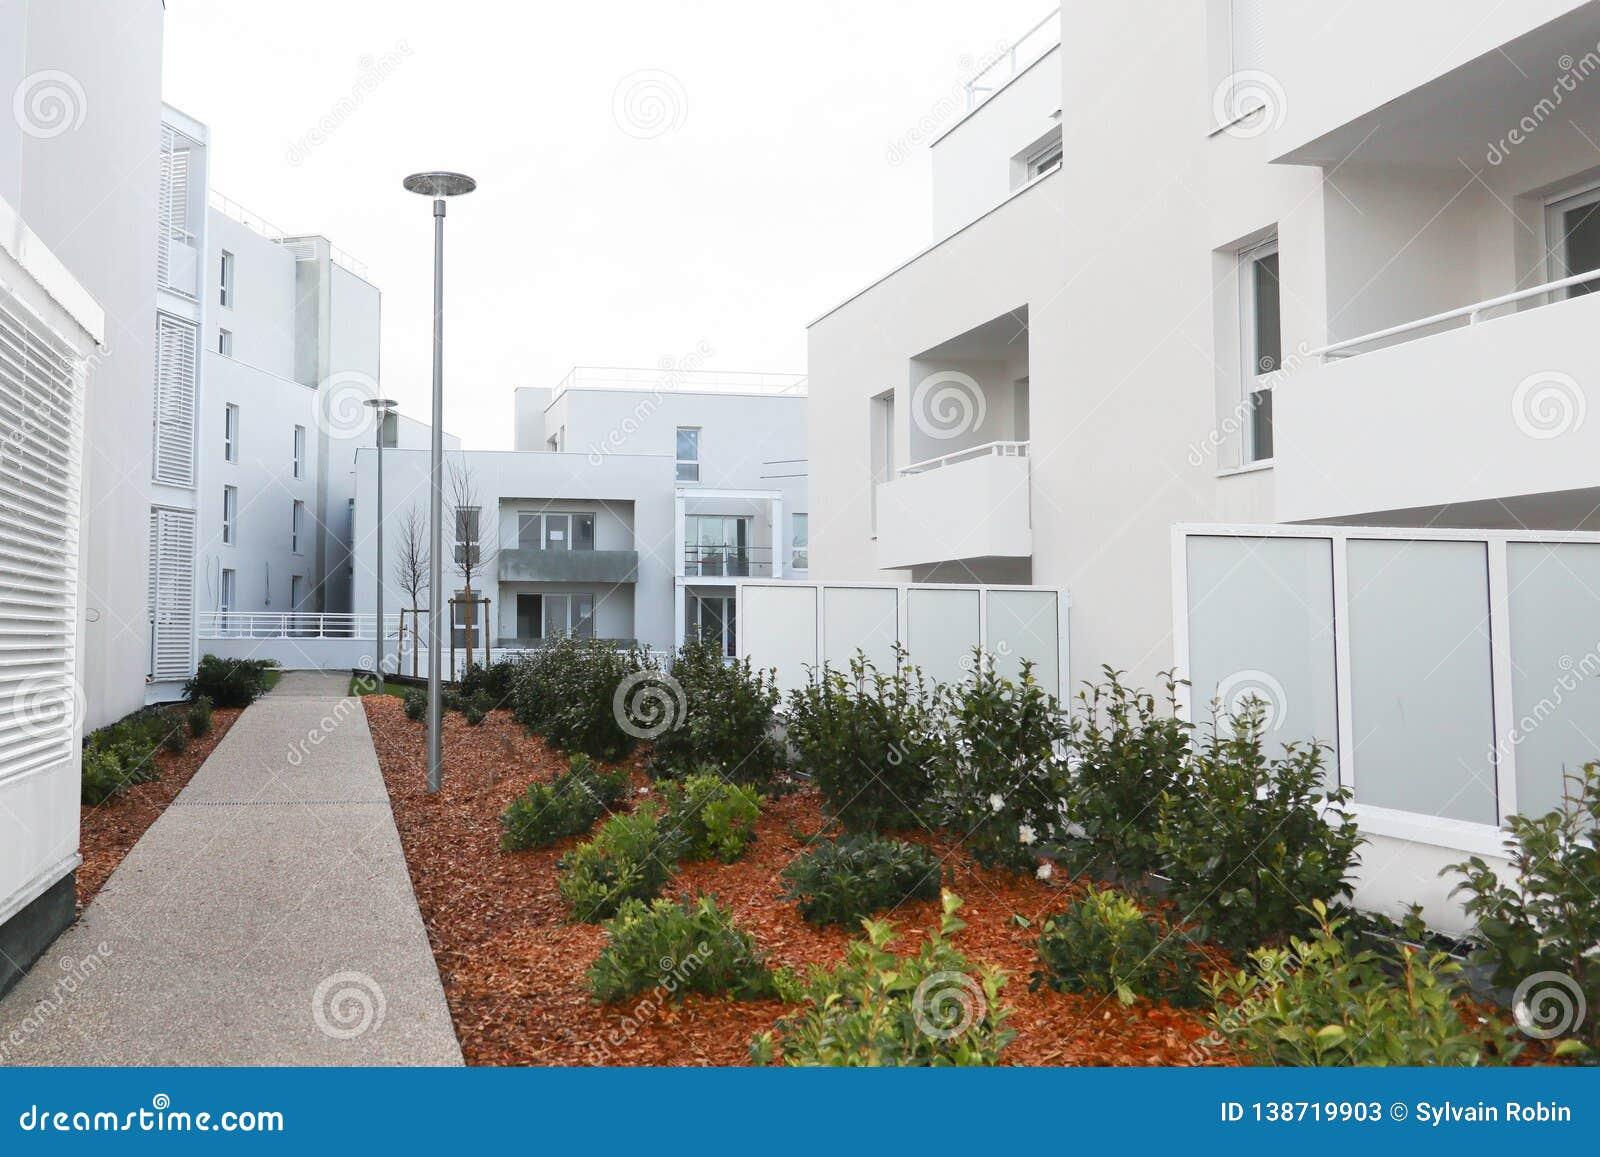 Architettura di costruzione moderna della proprietà con il giardino nella proprietà bianca